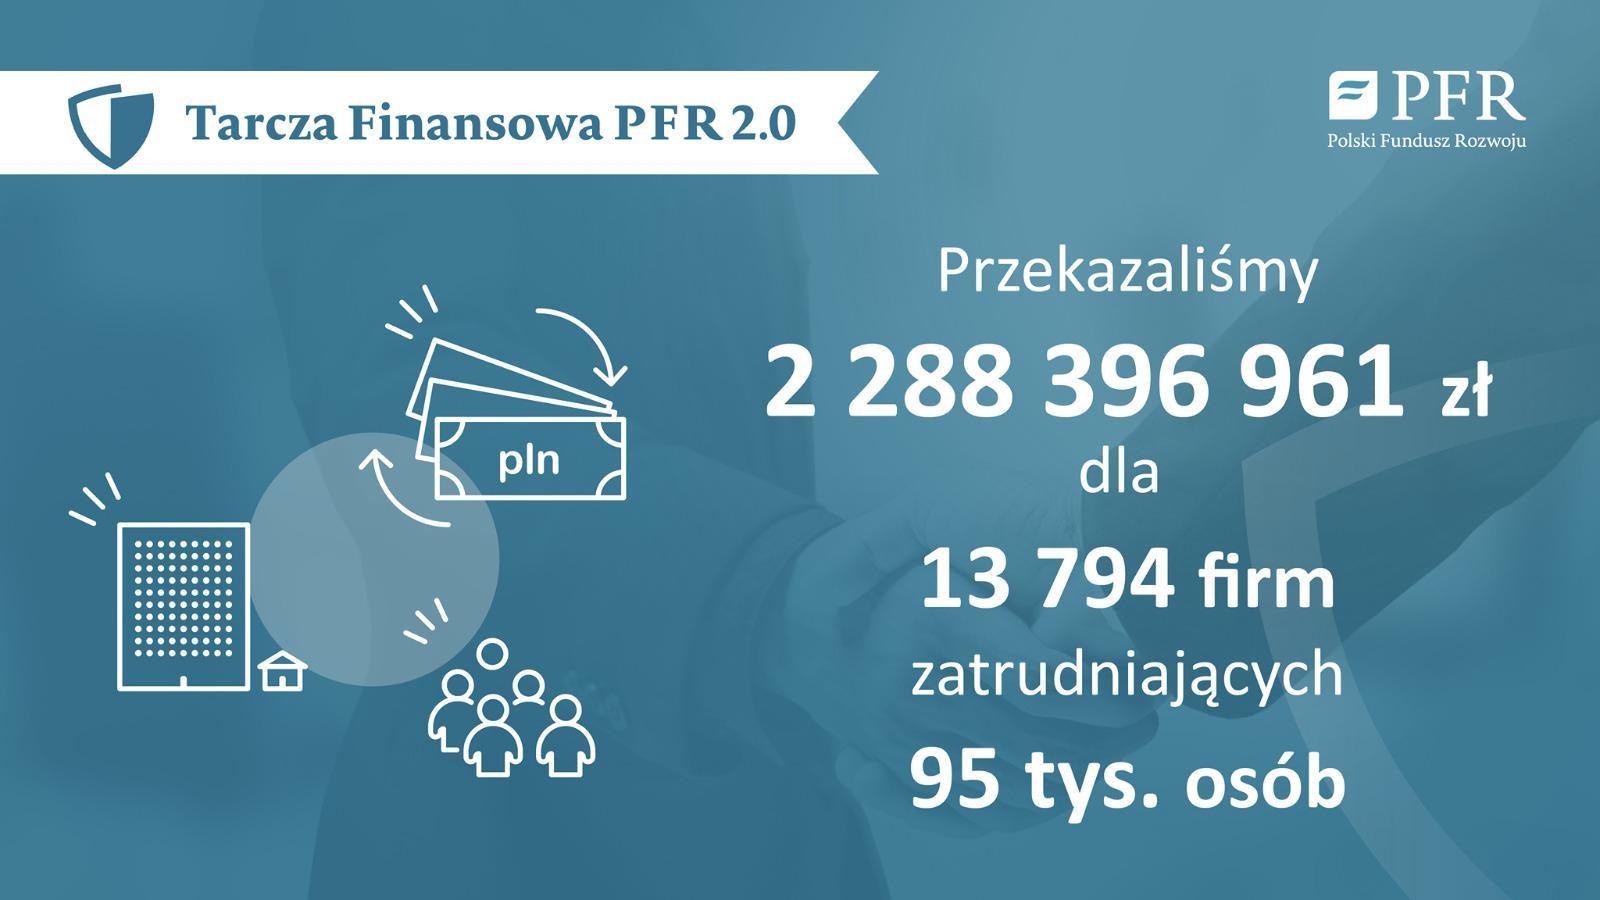 Już 4045 restauracji i placówek gastronomicznych otrzymało w styczniu środki z kolejnej Tarczy Polski Fundusz Rozwoju. Tarcza finansowa PFR 2.0 - oferuje firmom z 45 branż pomoc szacowaną na ok. 35 mld złotych.